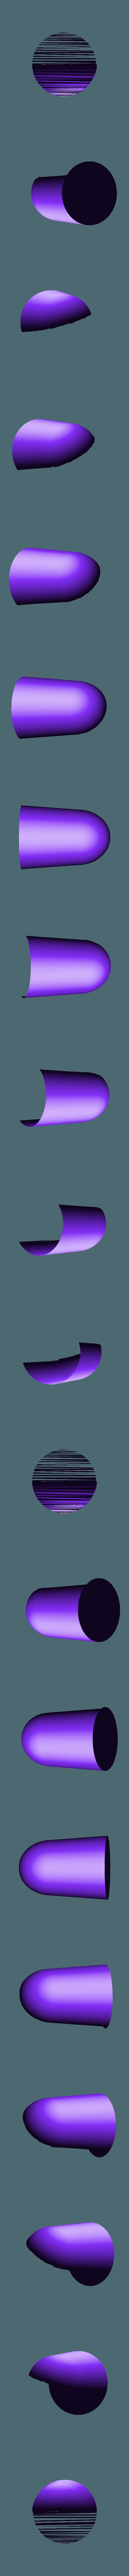 leg_left_grey.stl Télécharger fichier STL gratuit Koala (de la série animée Pucca) MMU • Objet à imprimer en 3D, Jangie